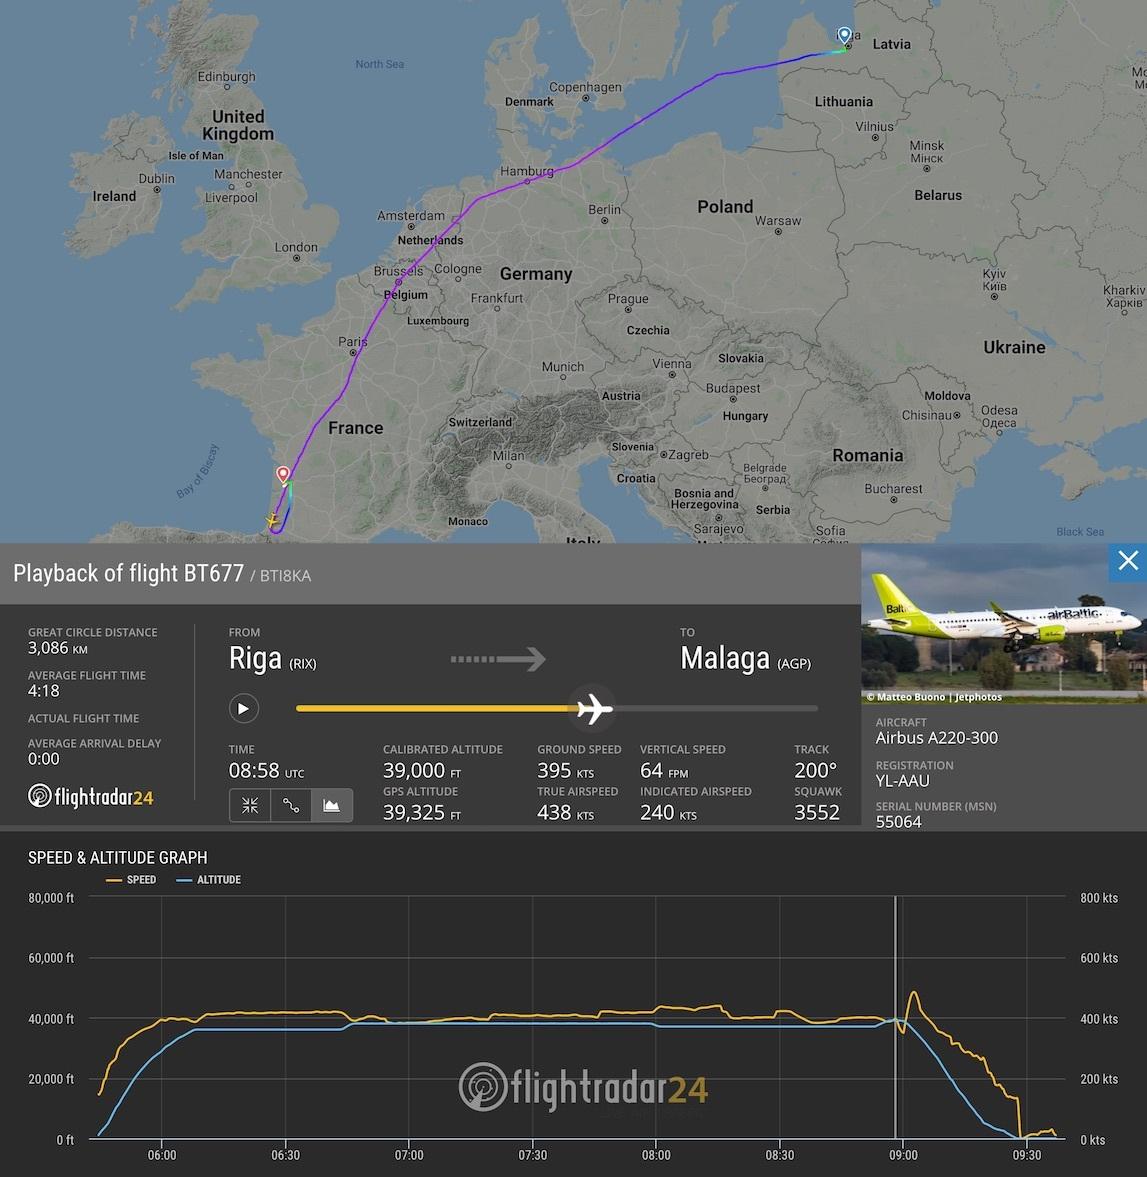 Air Baltic BT677 flight path